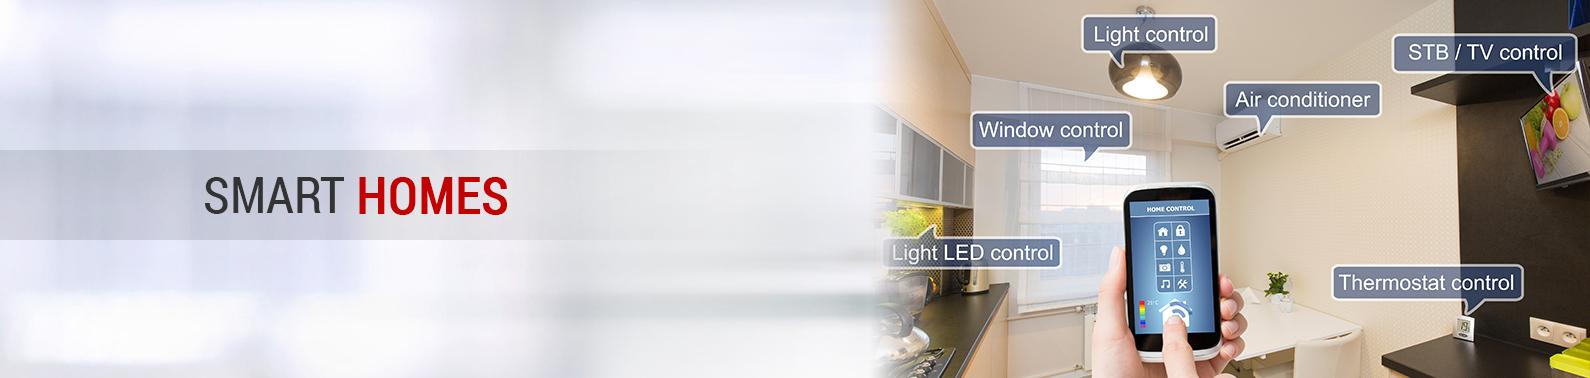 smart_homes.jpg